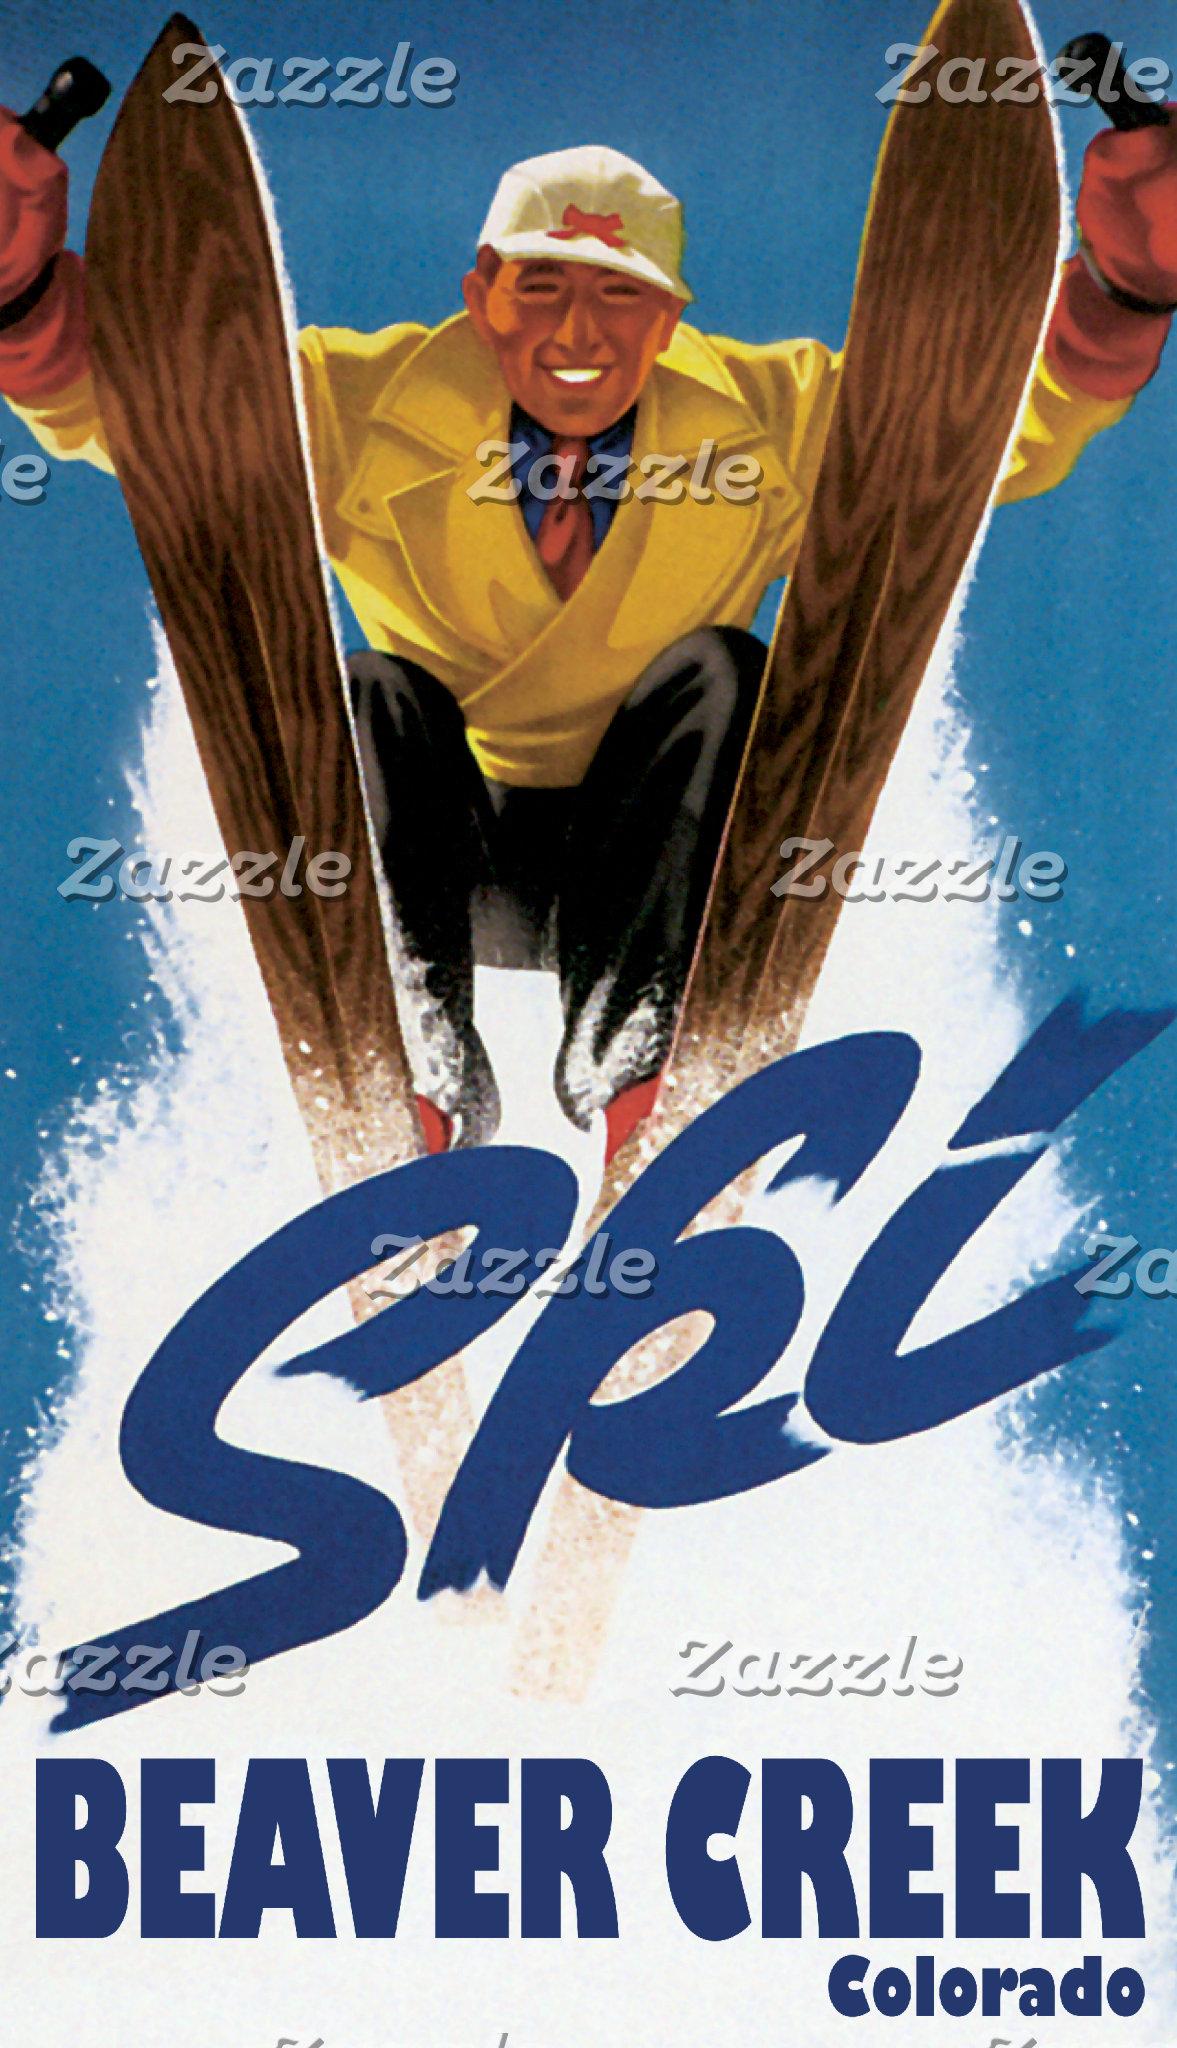 Ski Skiing Skier